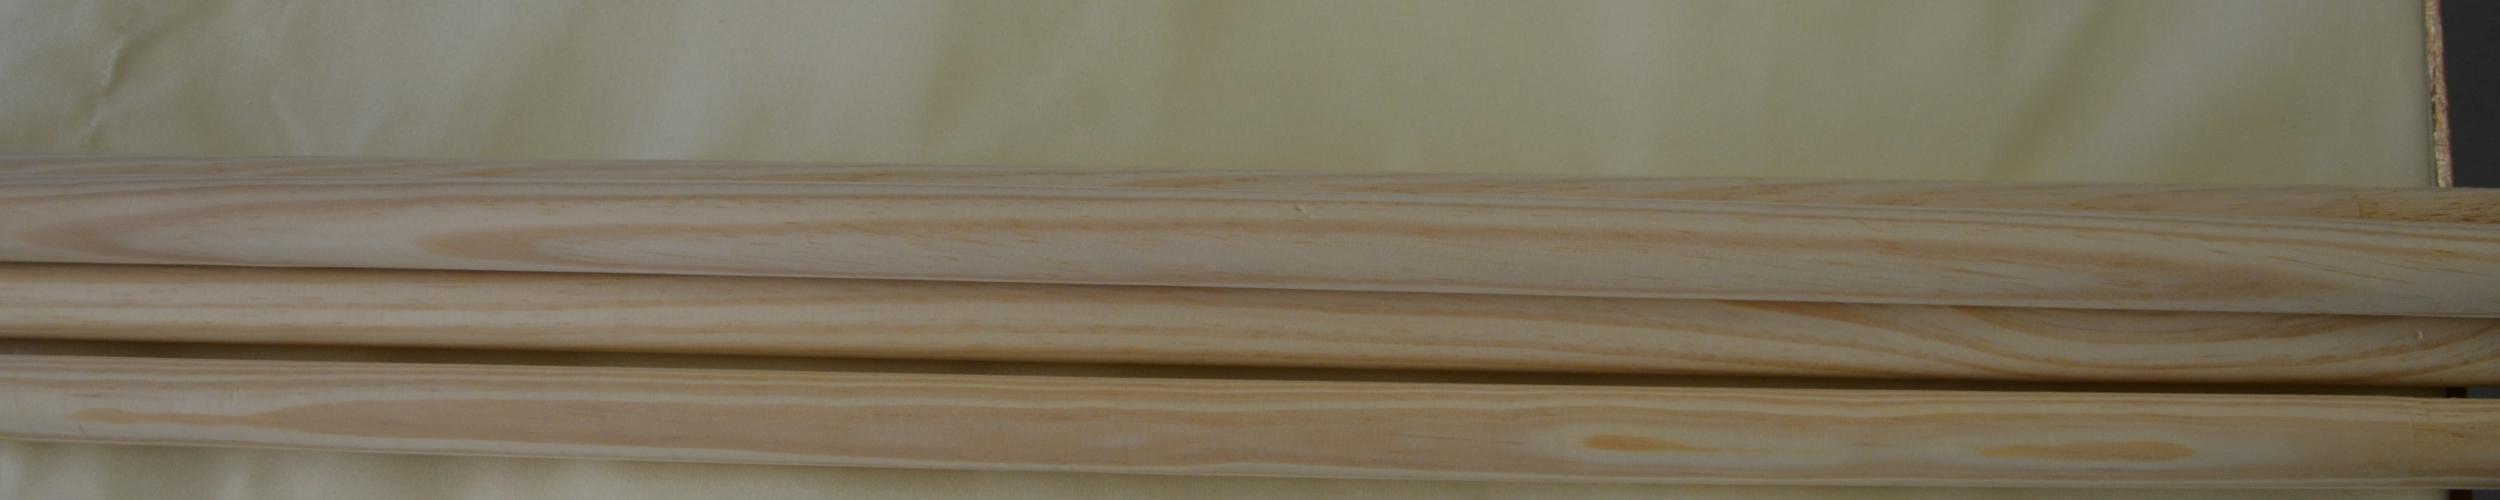 Windscherm Crèmekleur 6 meter, stockactie nummer